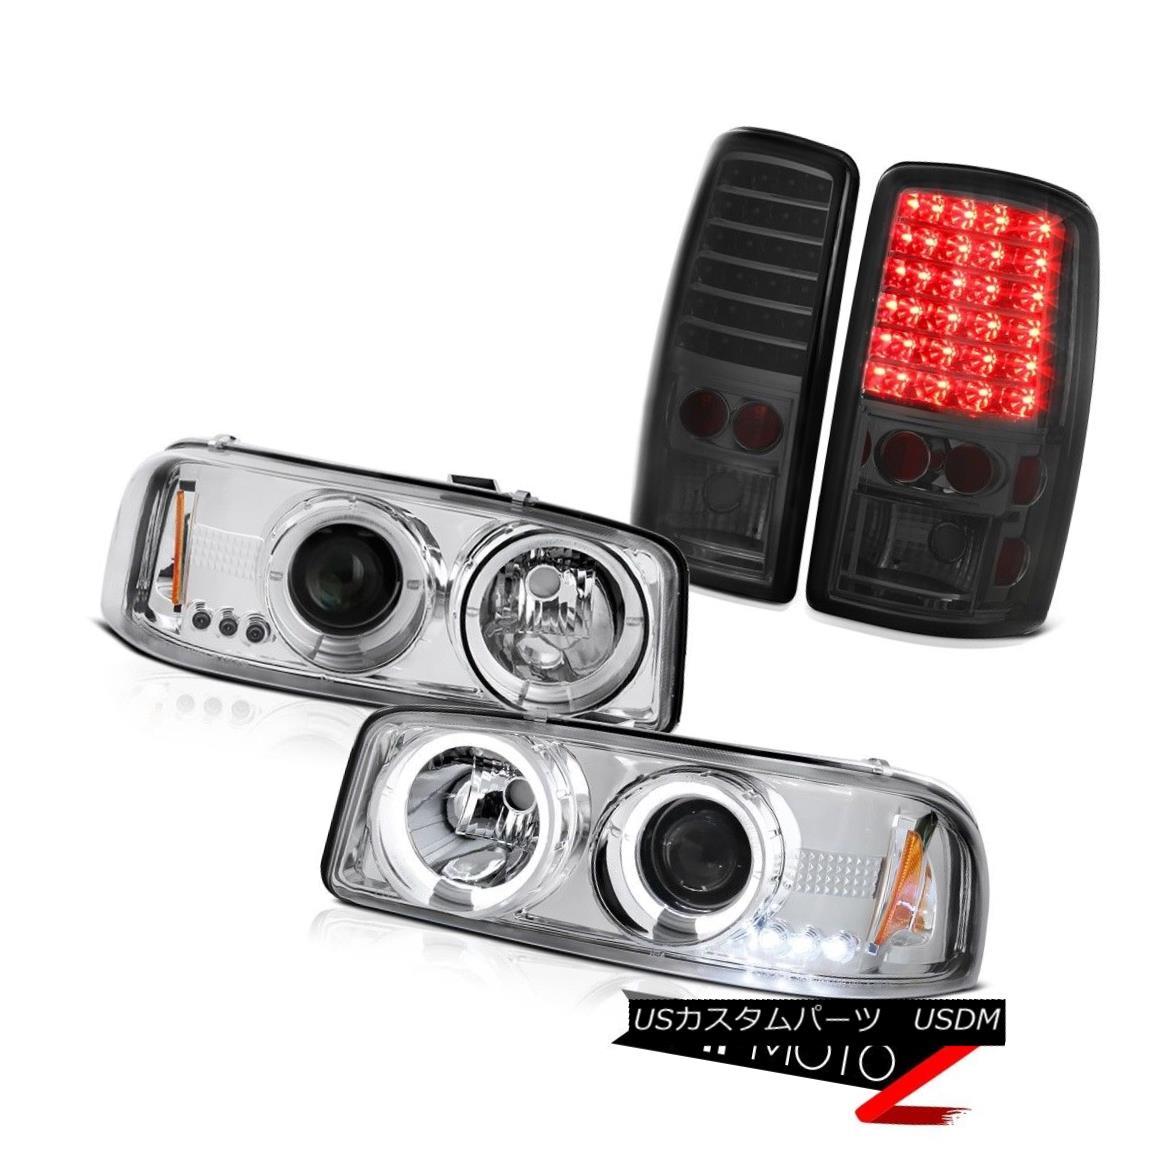 テールライト 2000-2006 Yukon XL Denali Halo Headlights Headlamp Smoke Tail Lights LED Tinted 2000-2006 Yukon XL Denali Haloヘッドライトヘッドライト煙テールライトLED Tinted